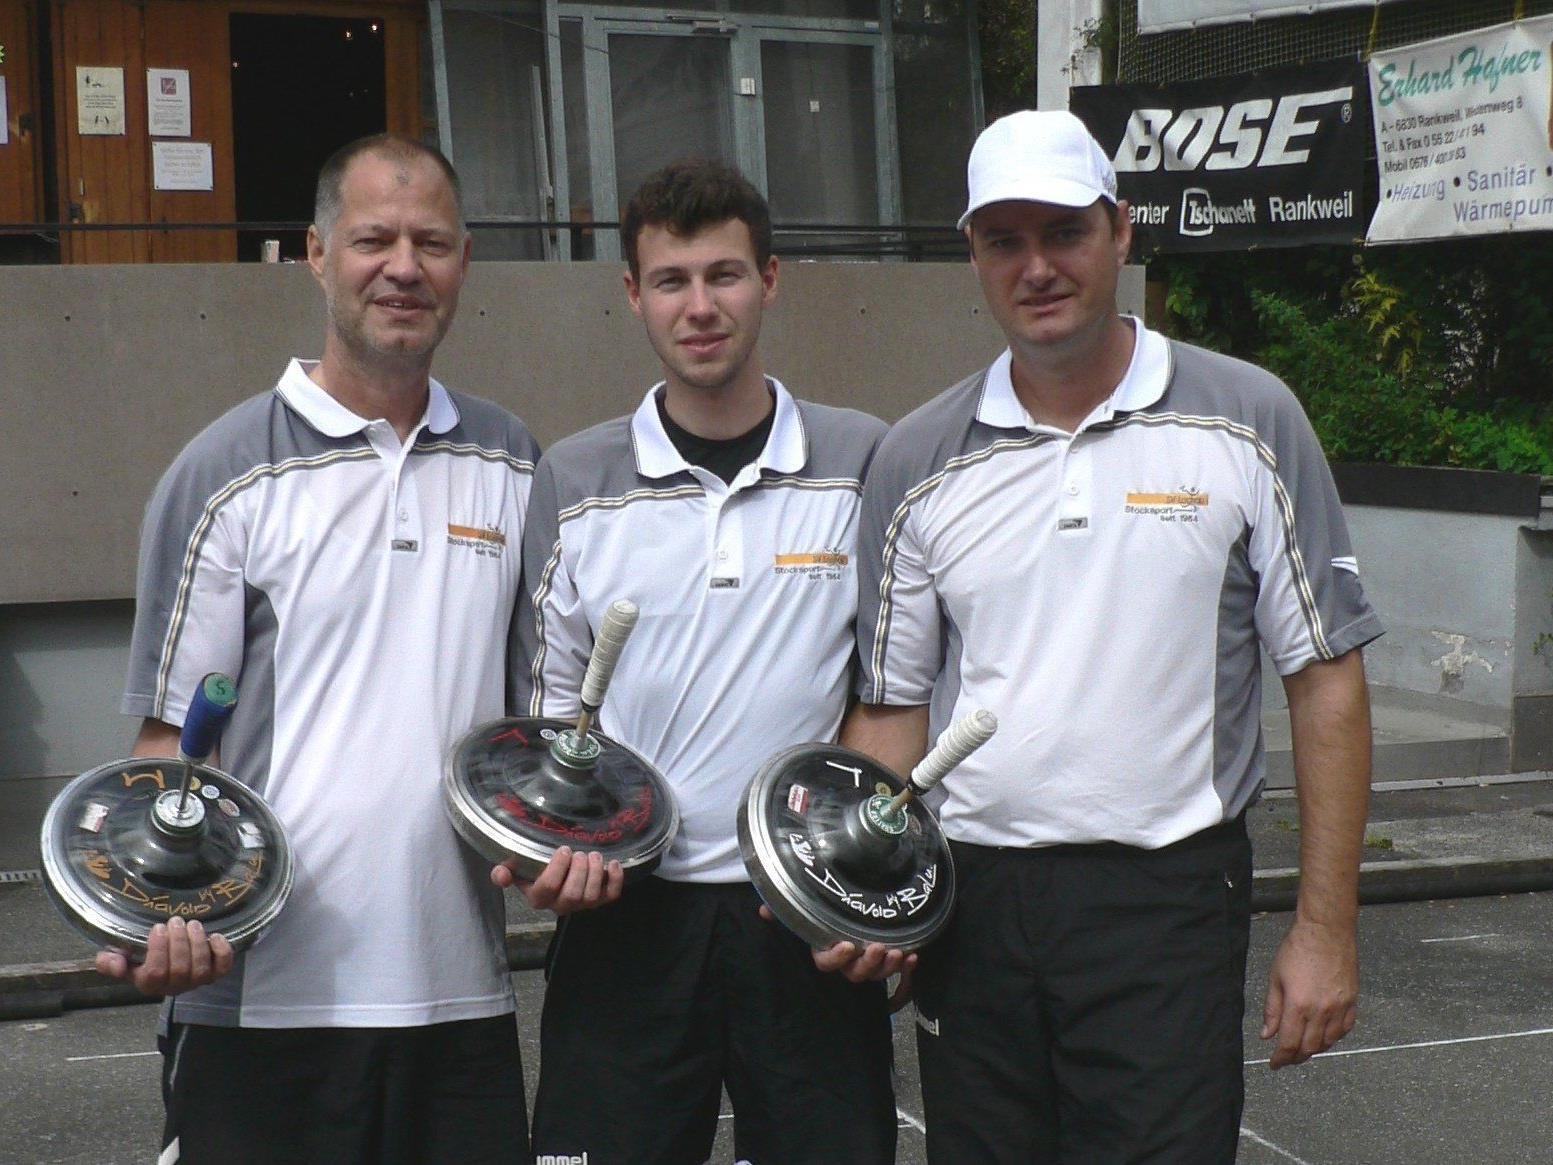 Das Team SV Lochau I mit den Spielern Christoph und Abraham Sohm sowie Stefan Pienz holte sich den Landesmeistertitel im Duo-Bewerb.